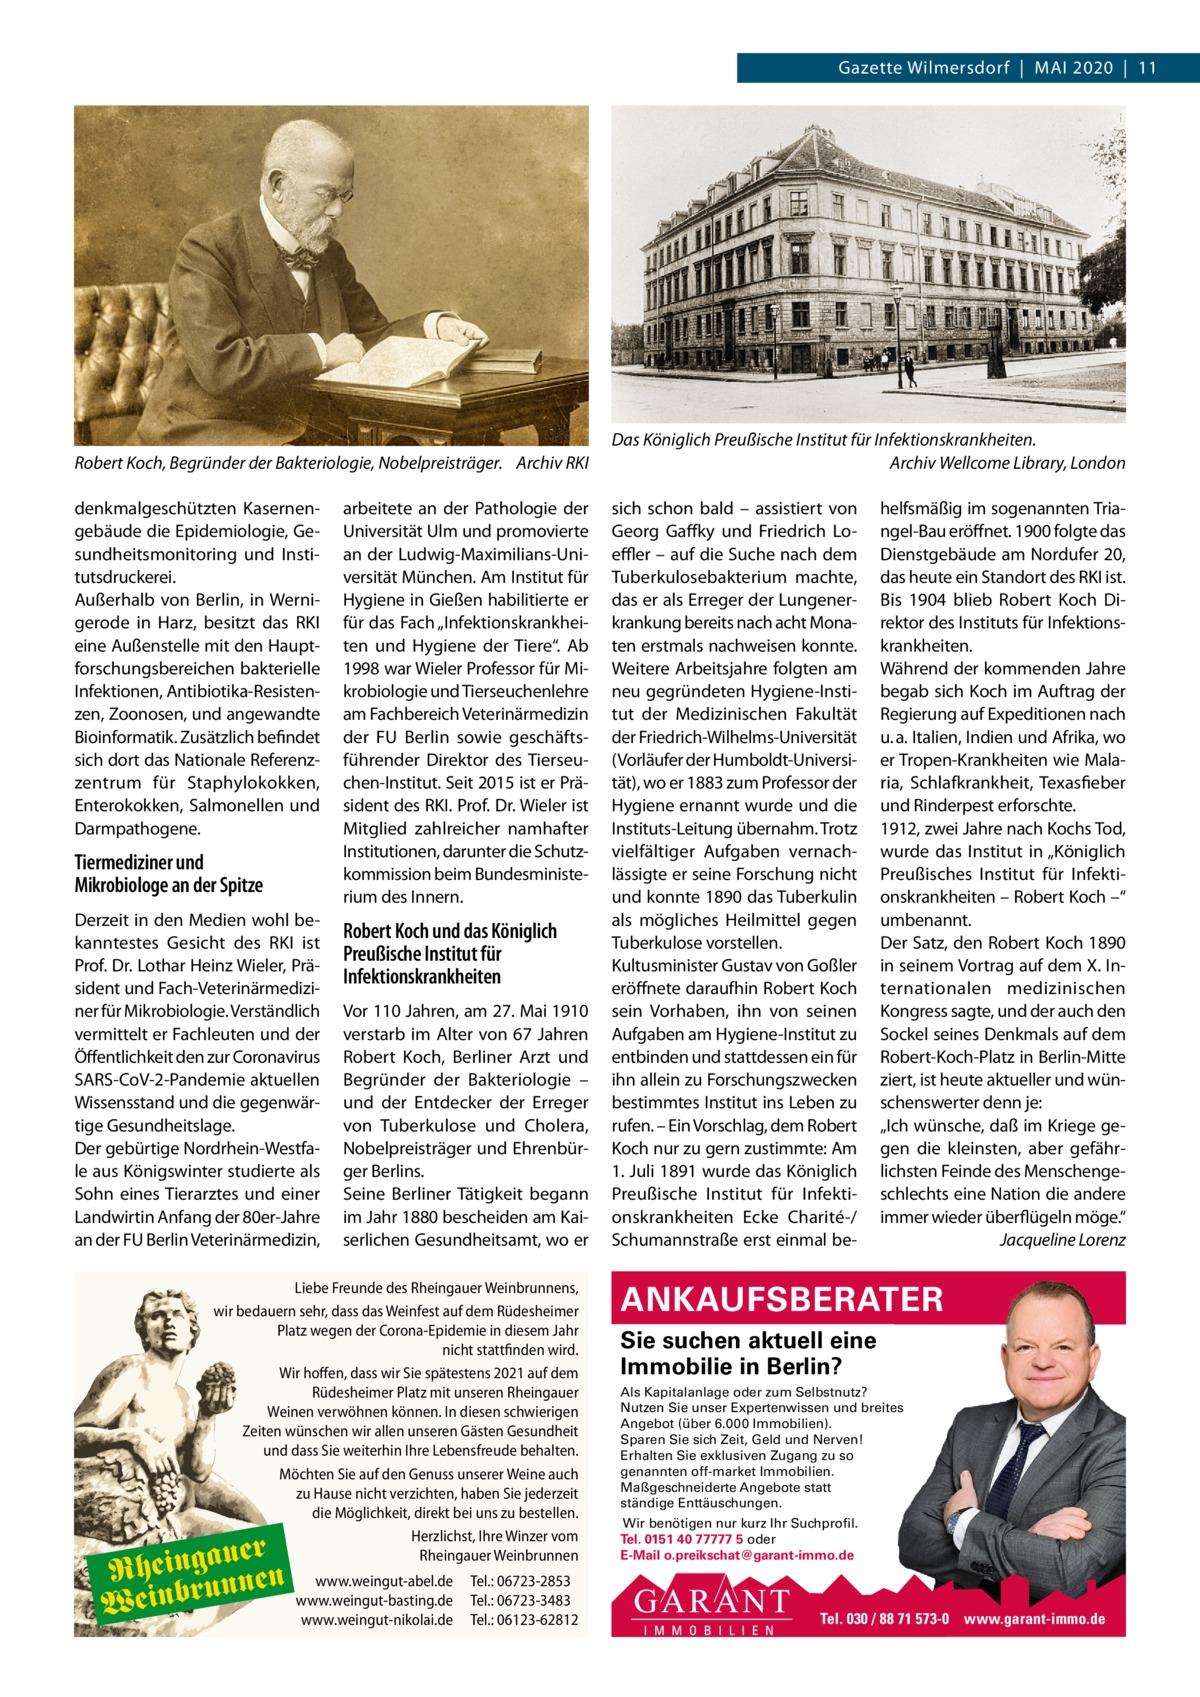 """Gazette Wilmersdorf Mai 2020 11  Robert Koch, Begründer der Bakteriologie, Nobelpreisträger. Archiv RKI denkmalgeschützten Kasernengebäude die Epidemiologie, Gesundheitsmonitoring und institutsdruckerei. außerhalb von Berlin, in Wernigerode in Harz, besitzt das RKi eine außenstelle mit den Hauptforschungsbereichen bakterielle infektionen, antibiotika-Resistenzen, Zoonosen, und angewandte Bioinformatik. Zusätzlich befindet sich dort das Nationale Referenzzentrum für Staphylokokken, Enterokokken, Salmonellen und Darmpathogene.  Tiermediziner und Mikrobiologe an der Spitze Derzeit in den Medien wohl bekanntestes Gesicht des RKi ist Prof.Dr.Lothar Heinz Wieler, Präsident und Fach-Veterinärmediziner für Mikrobiologie. Verständlich vermittelt er Fachleuten und der Öffentlichkeit den zur Coronavirus SaRS-CoV-2-Pandemie aktuellen Wissensstand und die gegenwärtige Gesundheitslage. Der gebürtige Nordrhein-Westfale aus Königswinter studierte als Sohn eines Tierarztes und einer Landwirtin anfang der 80er-Jahre an der FU Berlin Veterinärmedizin,  arbeitete an der Pathologie der Universität Ulm und promovierte an der Ludwig-Maximilians-Universität München. am institut für Hygiene in Gießen habilitierte er für das Fach """"infektionskrankheiten und Hygiene der Tiere"""". ab 1998 war Wieler Professor für Mikrobiologie und Tierseuchenlehre am Fachbereich Veterinärmedizin der FU Berlin sowie geschäftsführender Direktor des Tierseuchen-institut. Seit 2015 ist er Präsident des RKi. Prof.Dr.Wieler ist Mitglied zahlreicher namhafter institutionen, darunter die Schutzkommission beim Bundesministerium des innern.  Robert Koch und das Königlich Preußische Institut für Infektionskrankheiten Vor 110Jahren, am 27.Mai 1910 verstarb im alter von 67 Jahren Robert Koch, Berliner arzt und Begründer der Bakteriologie – und der Entdecker der Erreger von Tuberkulose und Cholera, Nobelpreisträger und Ehrenbürger Berlins. Seine Berliner Tätigkeit begann im Jahr 1880 bescheiden am Kaiserlichen Gesundheitsamt, """